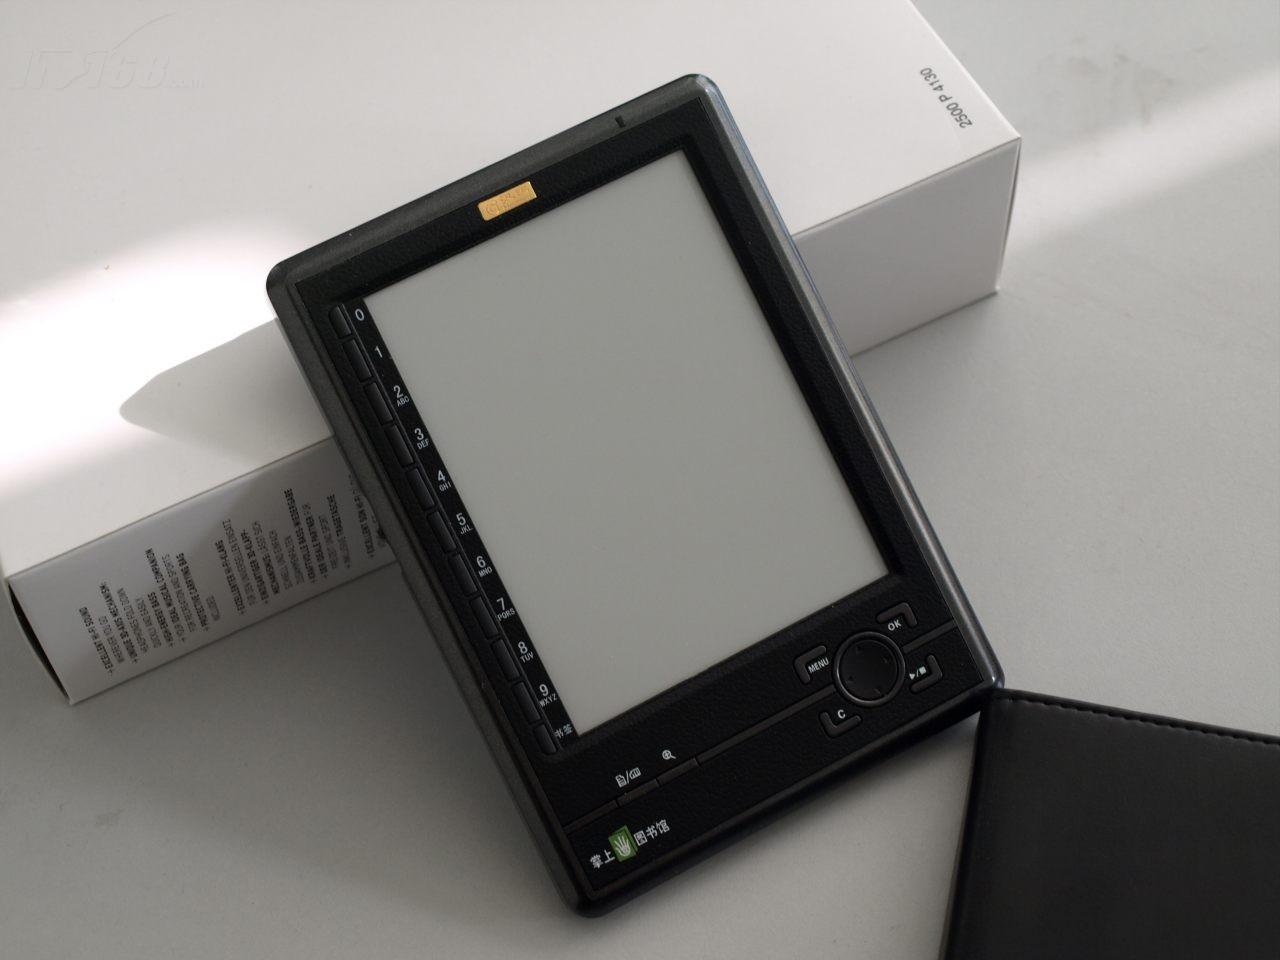 汉王n516(加强版之天方金马)电子书产品图片7素材-it